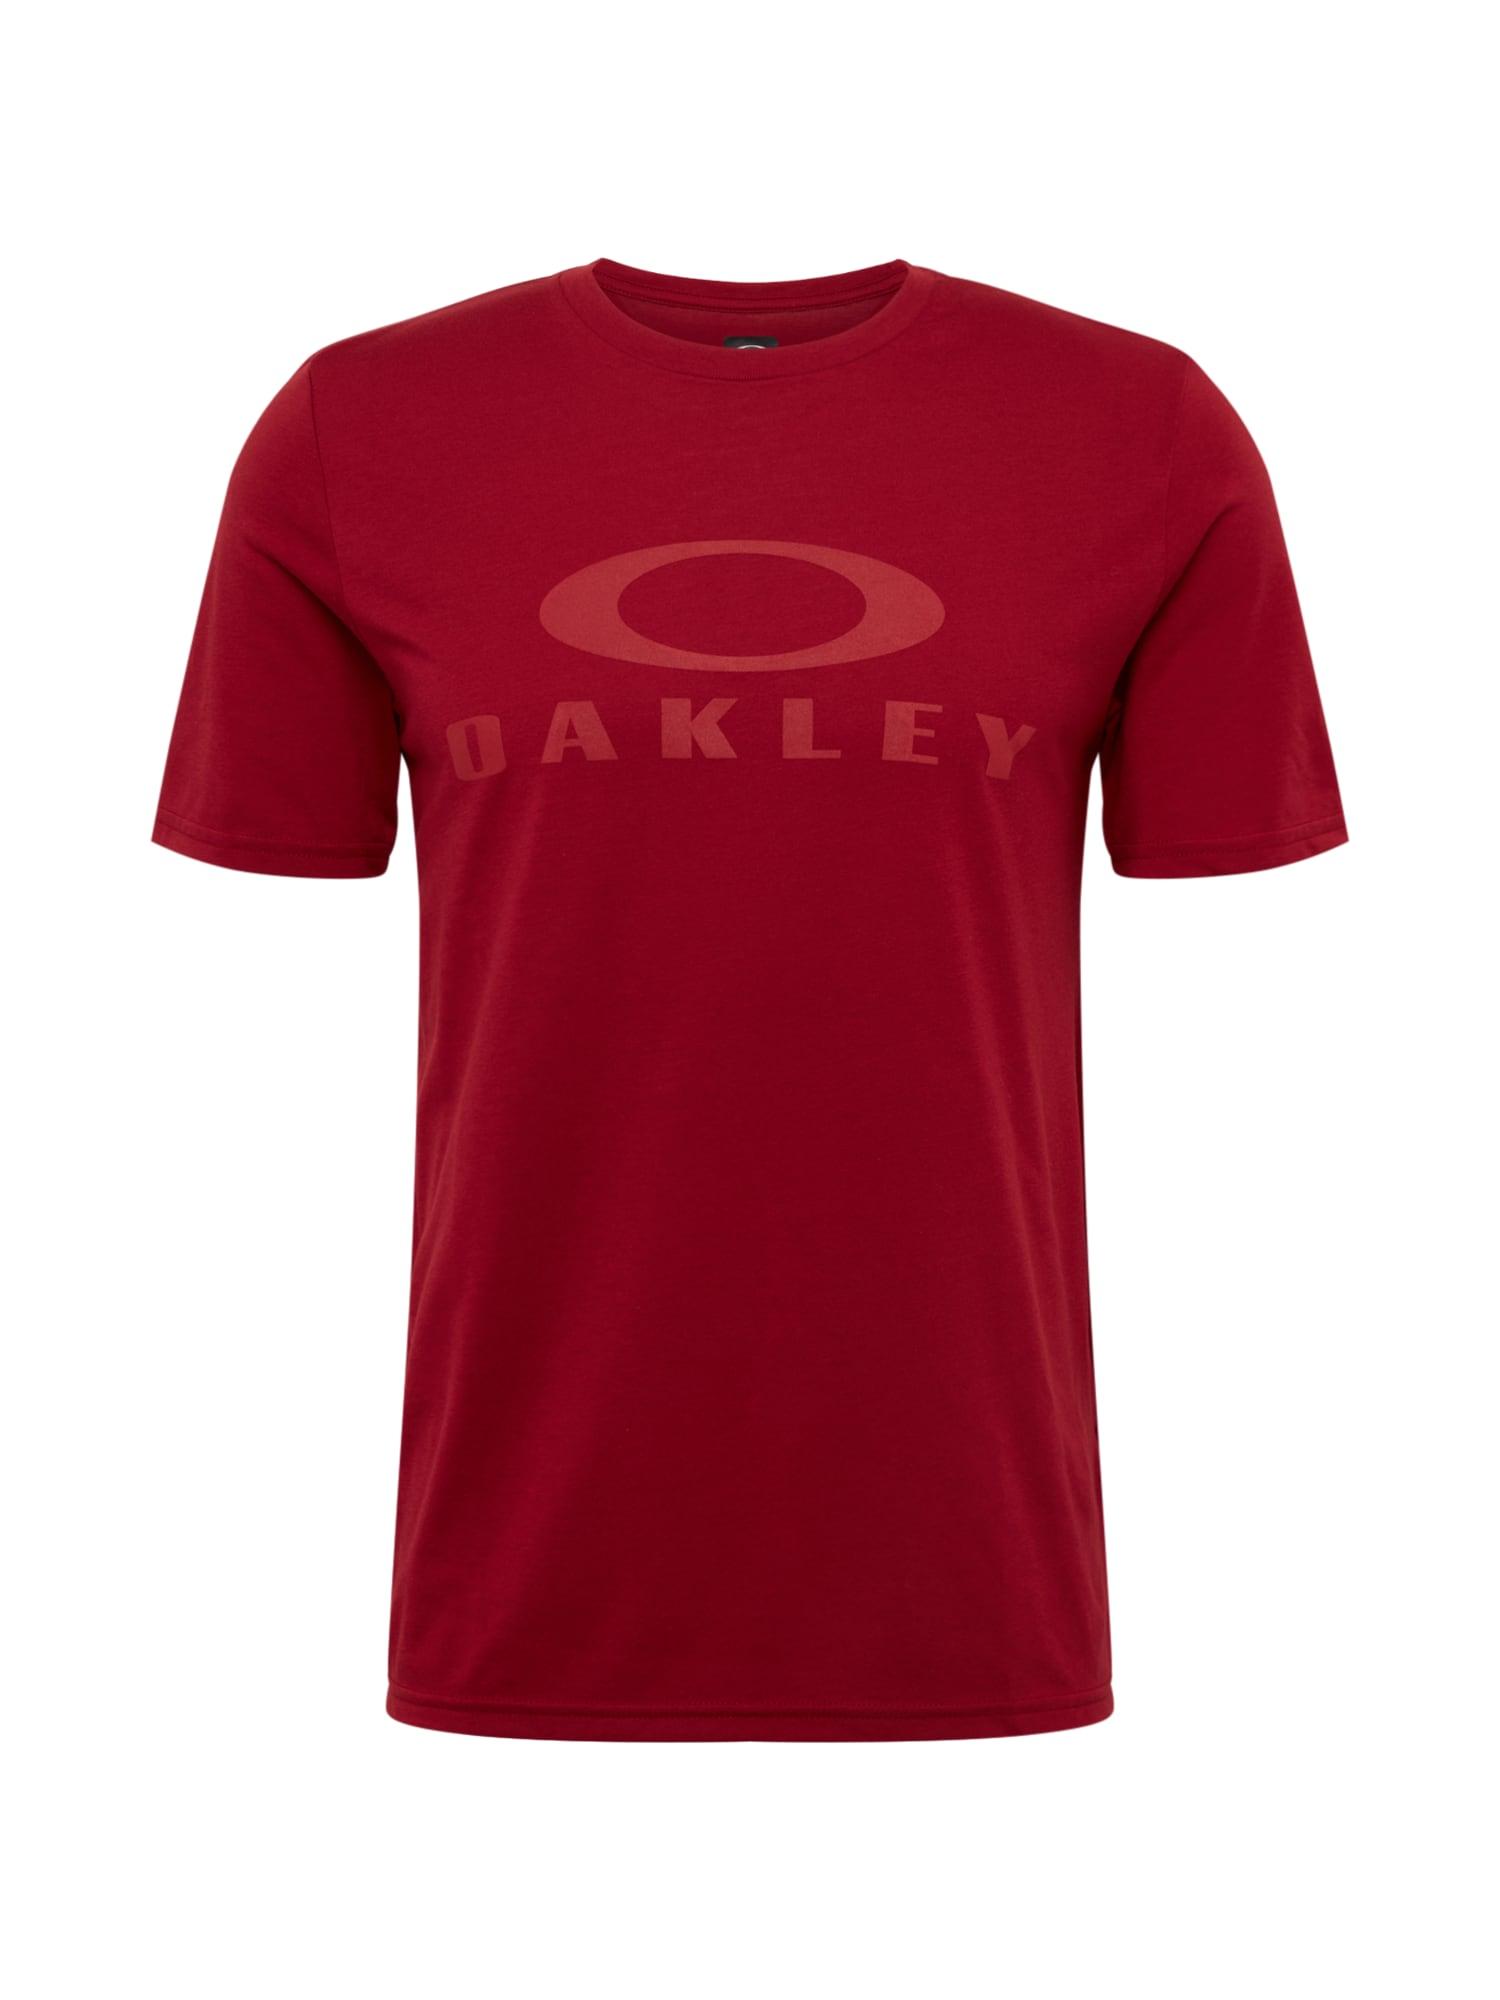 OAKLEY Sportiniai marškinėliai